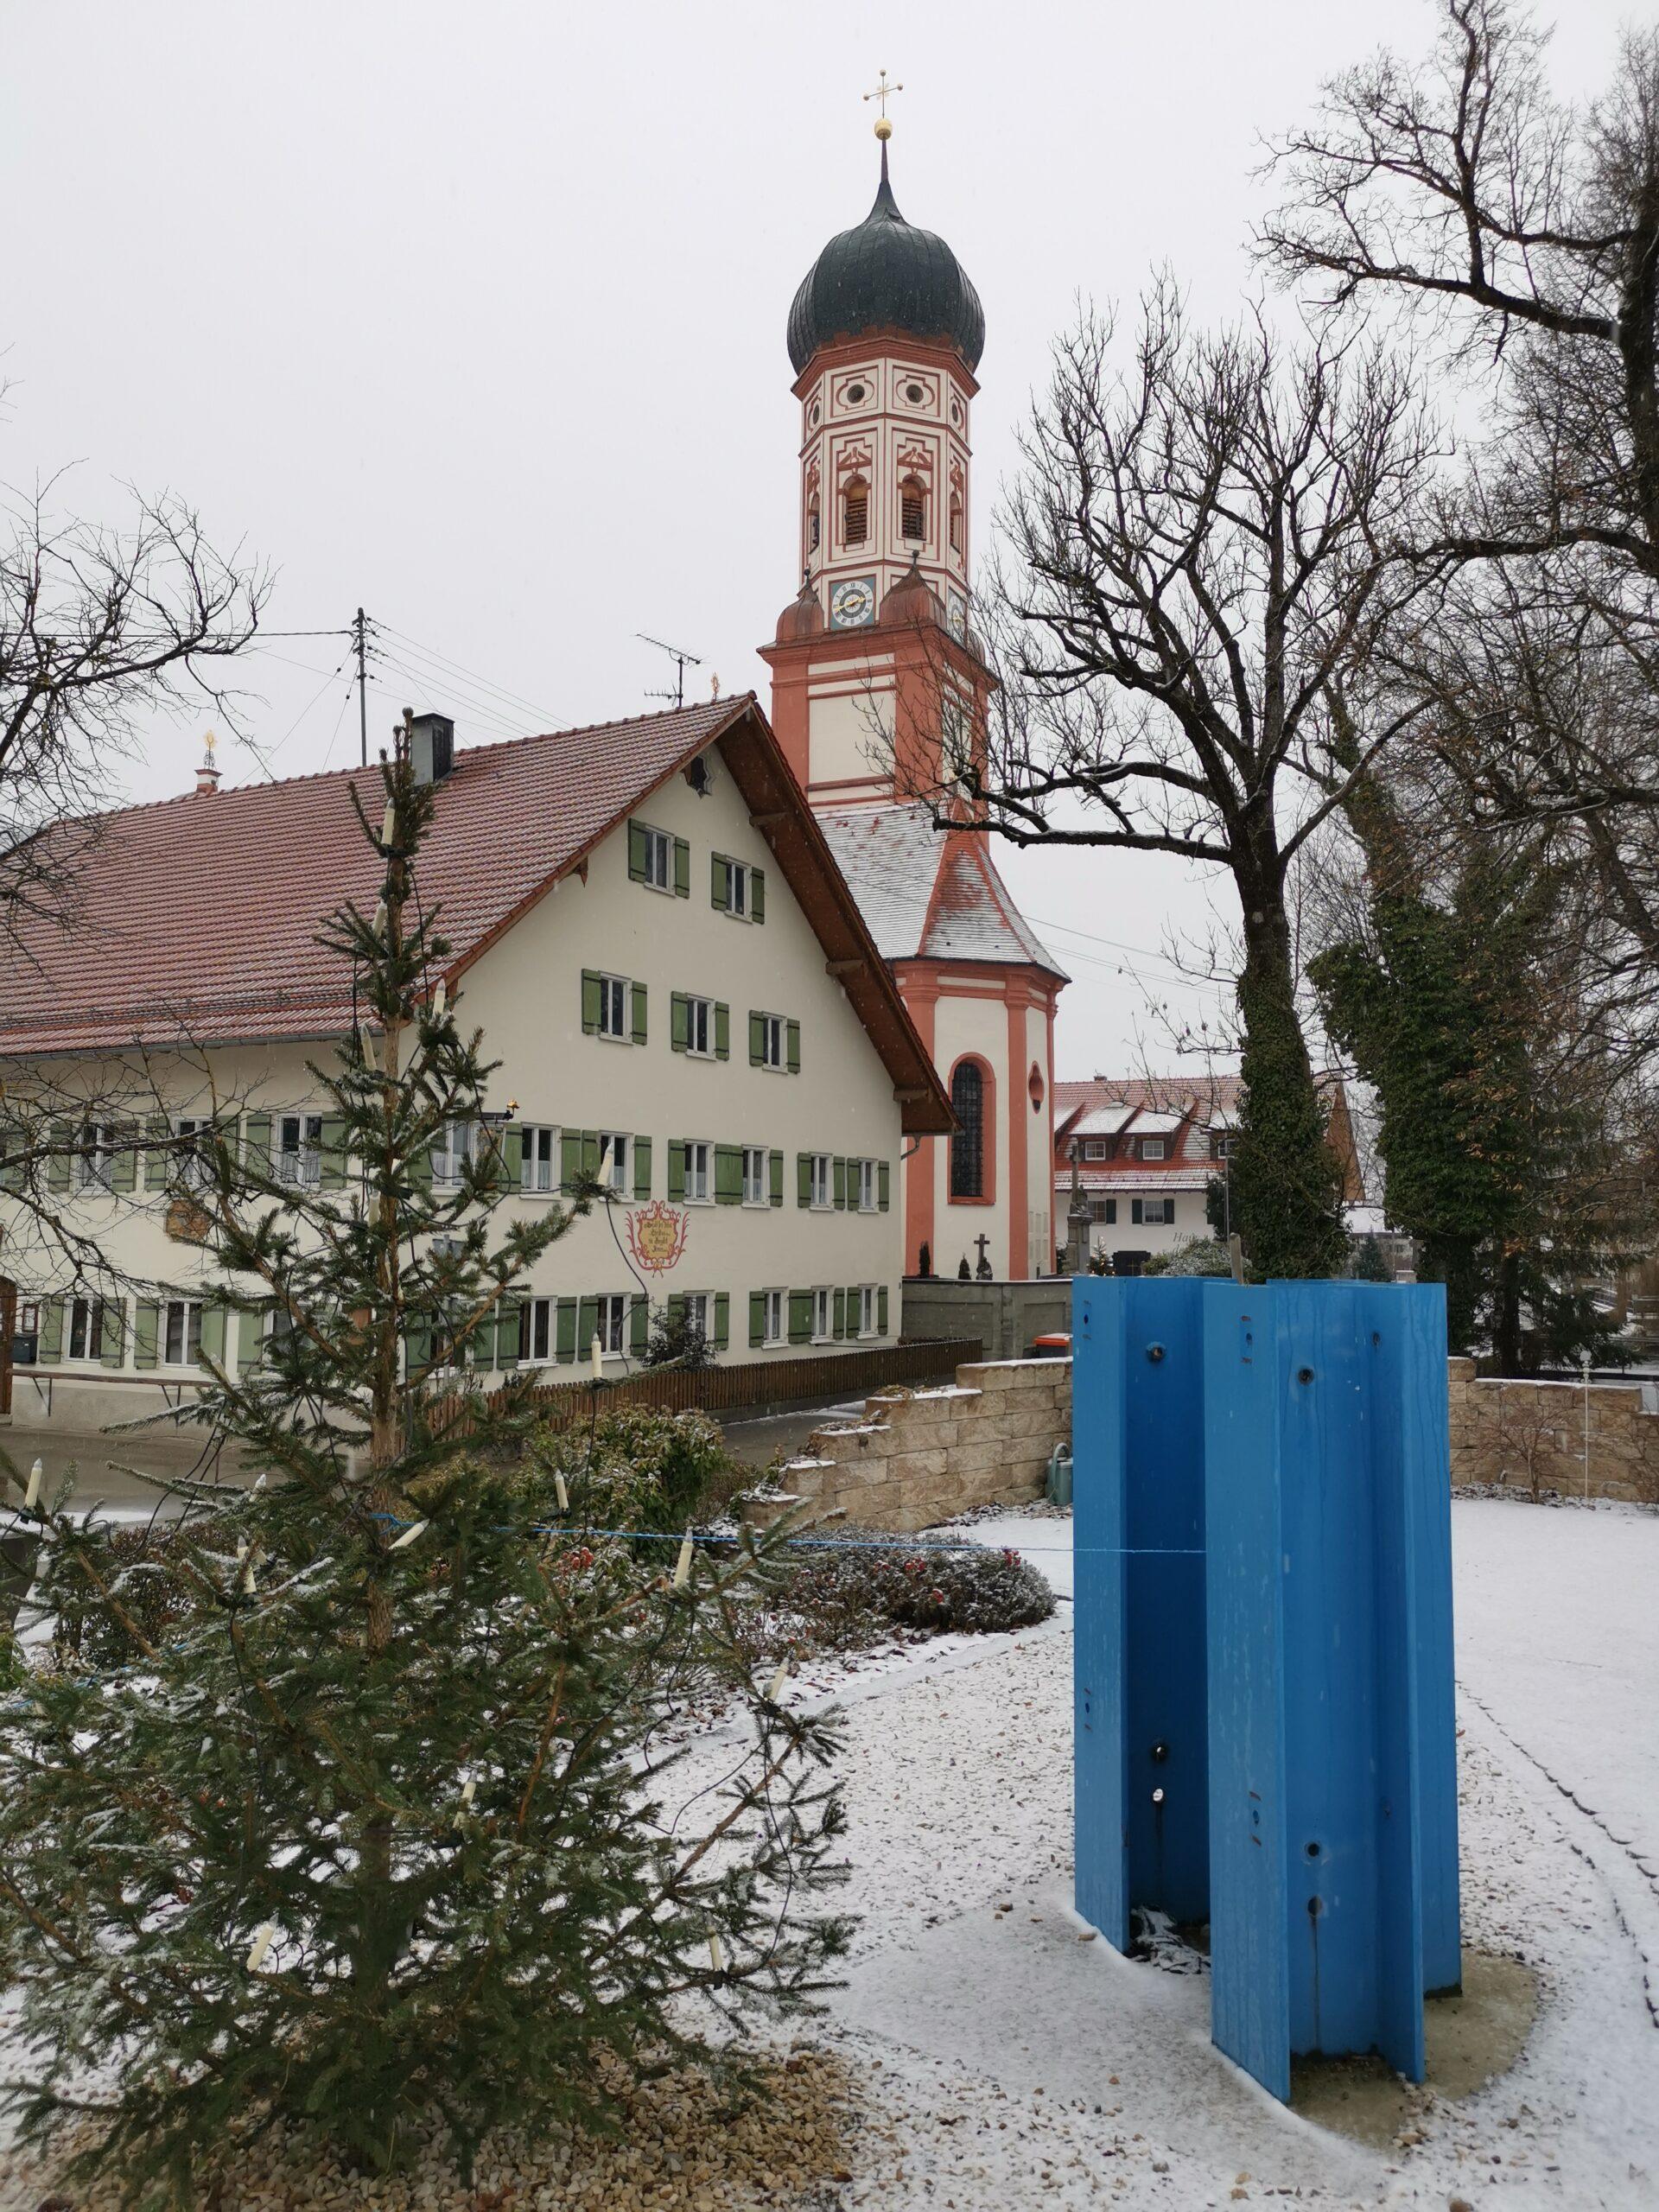 Gasthof und Kirche am Dorfplatz